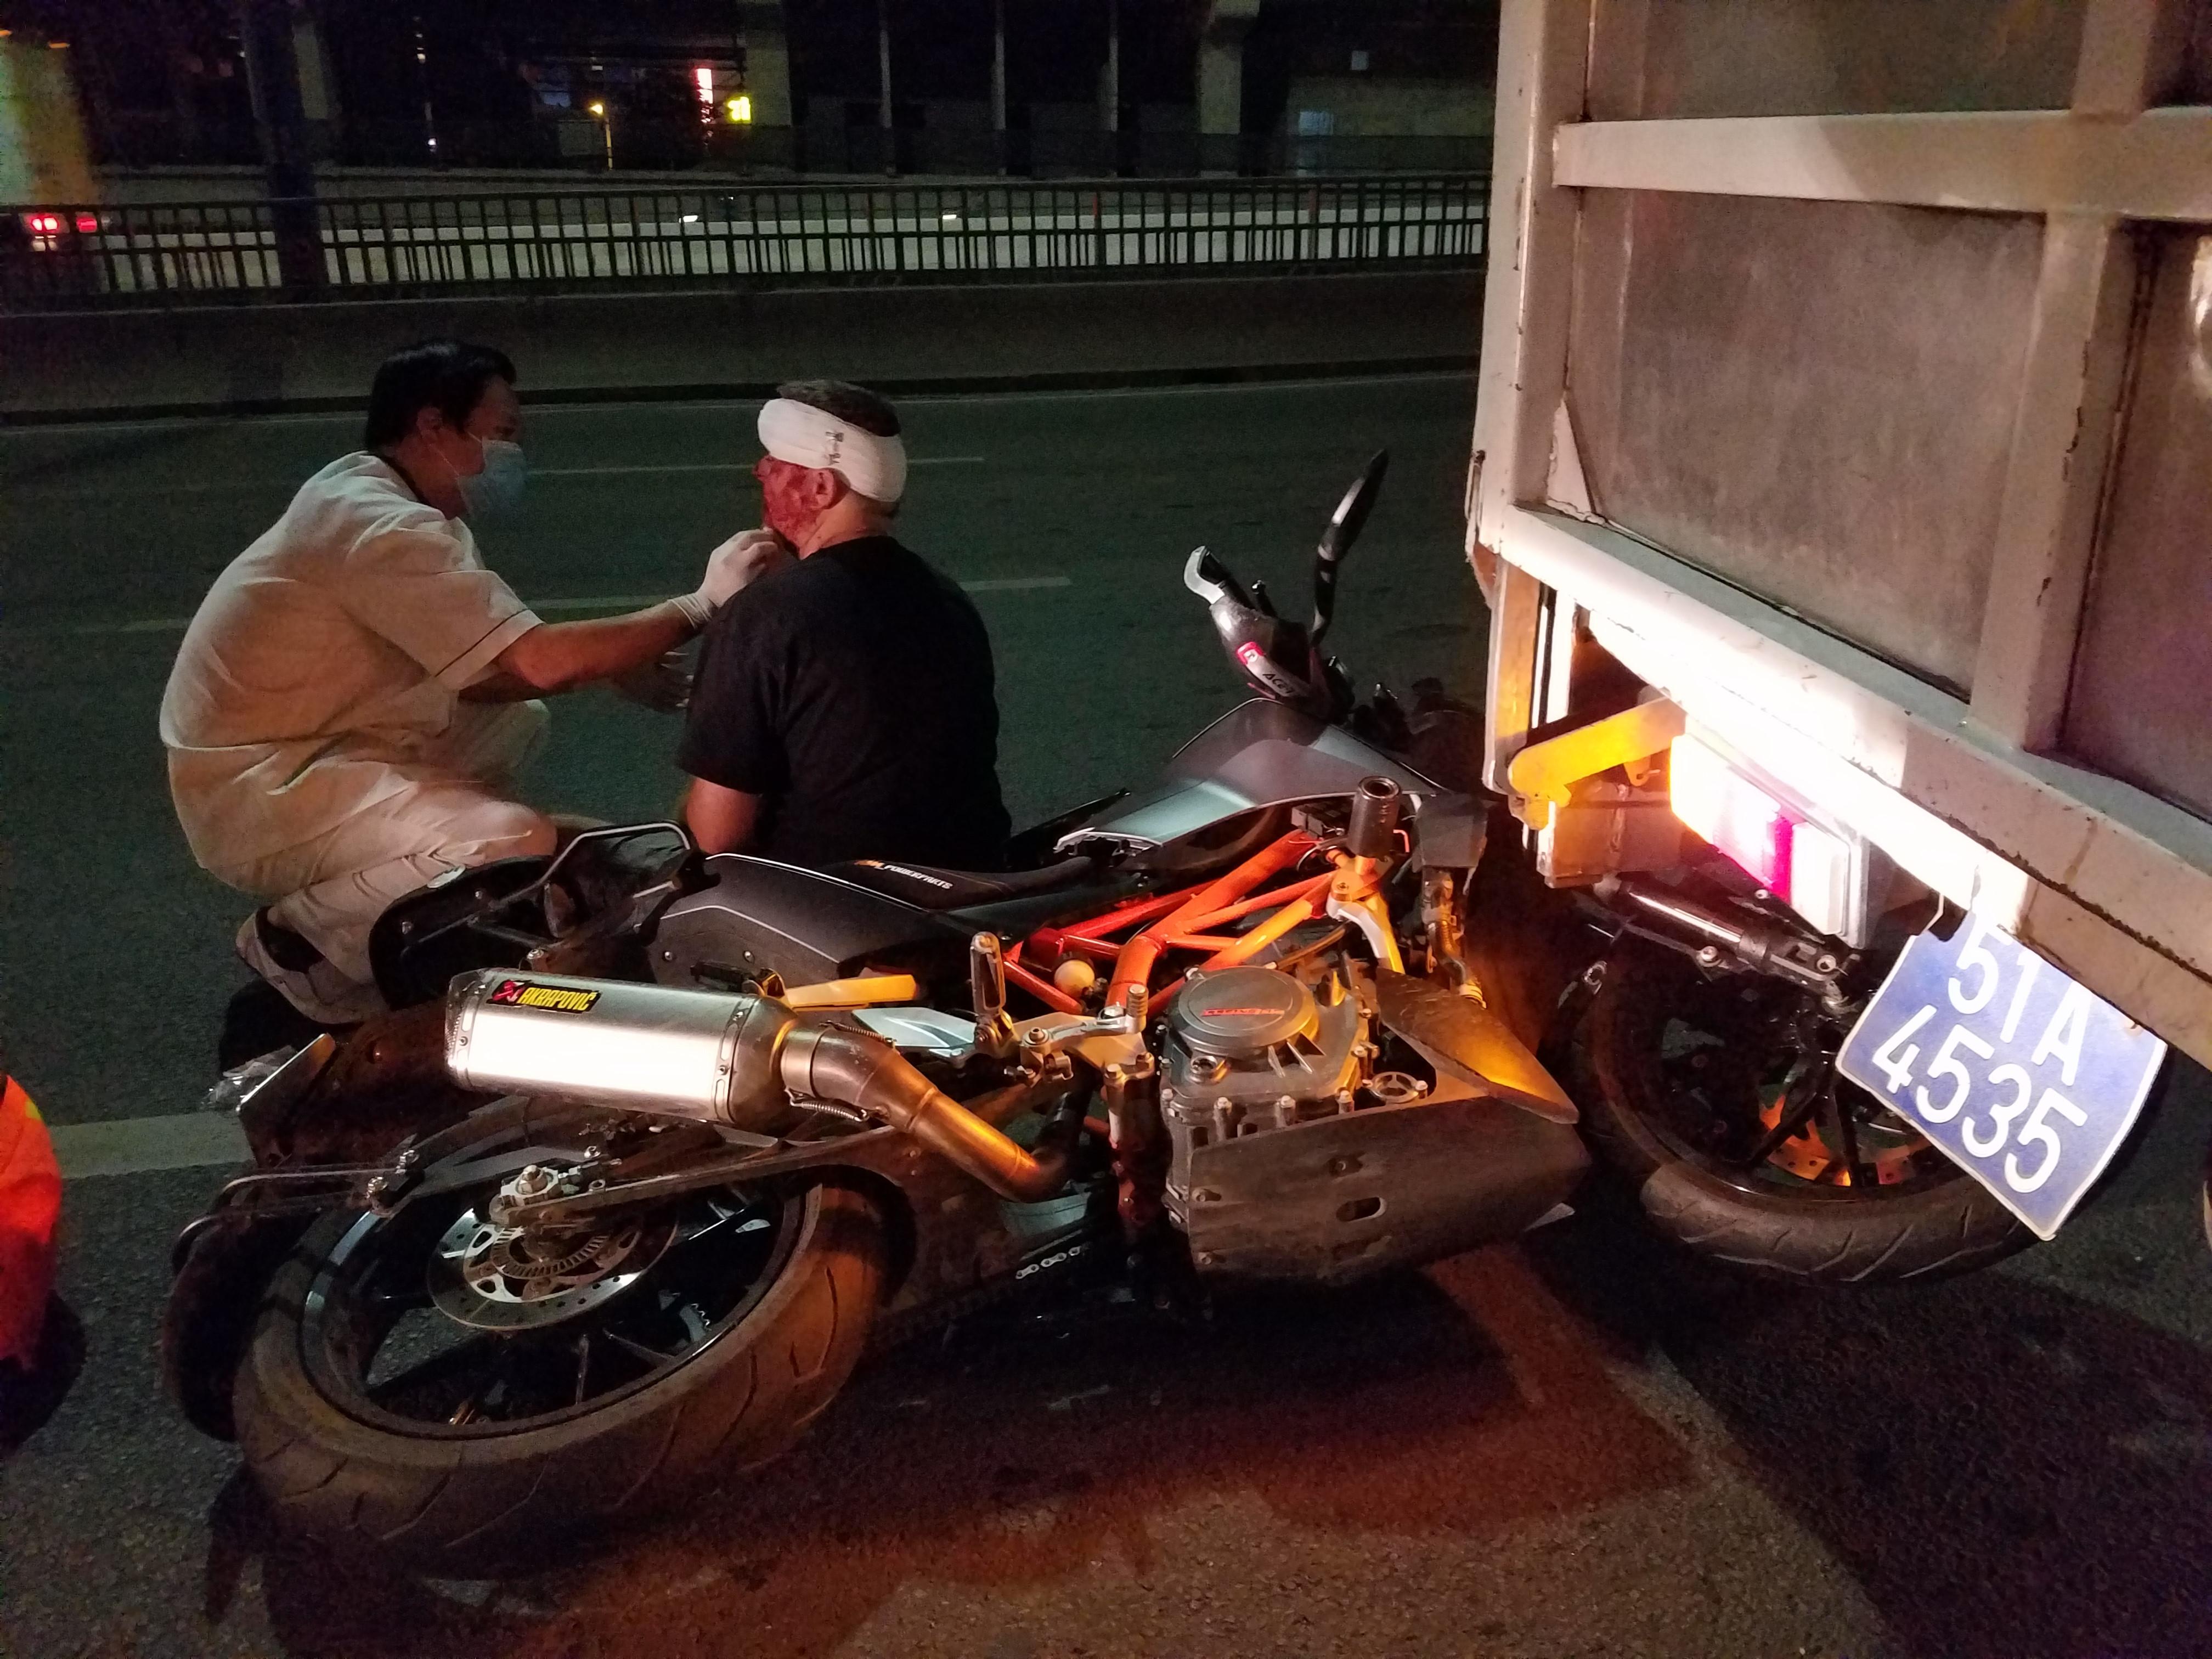 Liều chạy vào làn ô tô trên cầu Sài Gòn, 1 người chết, 2 người bị thương Ảnh 2